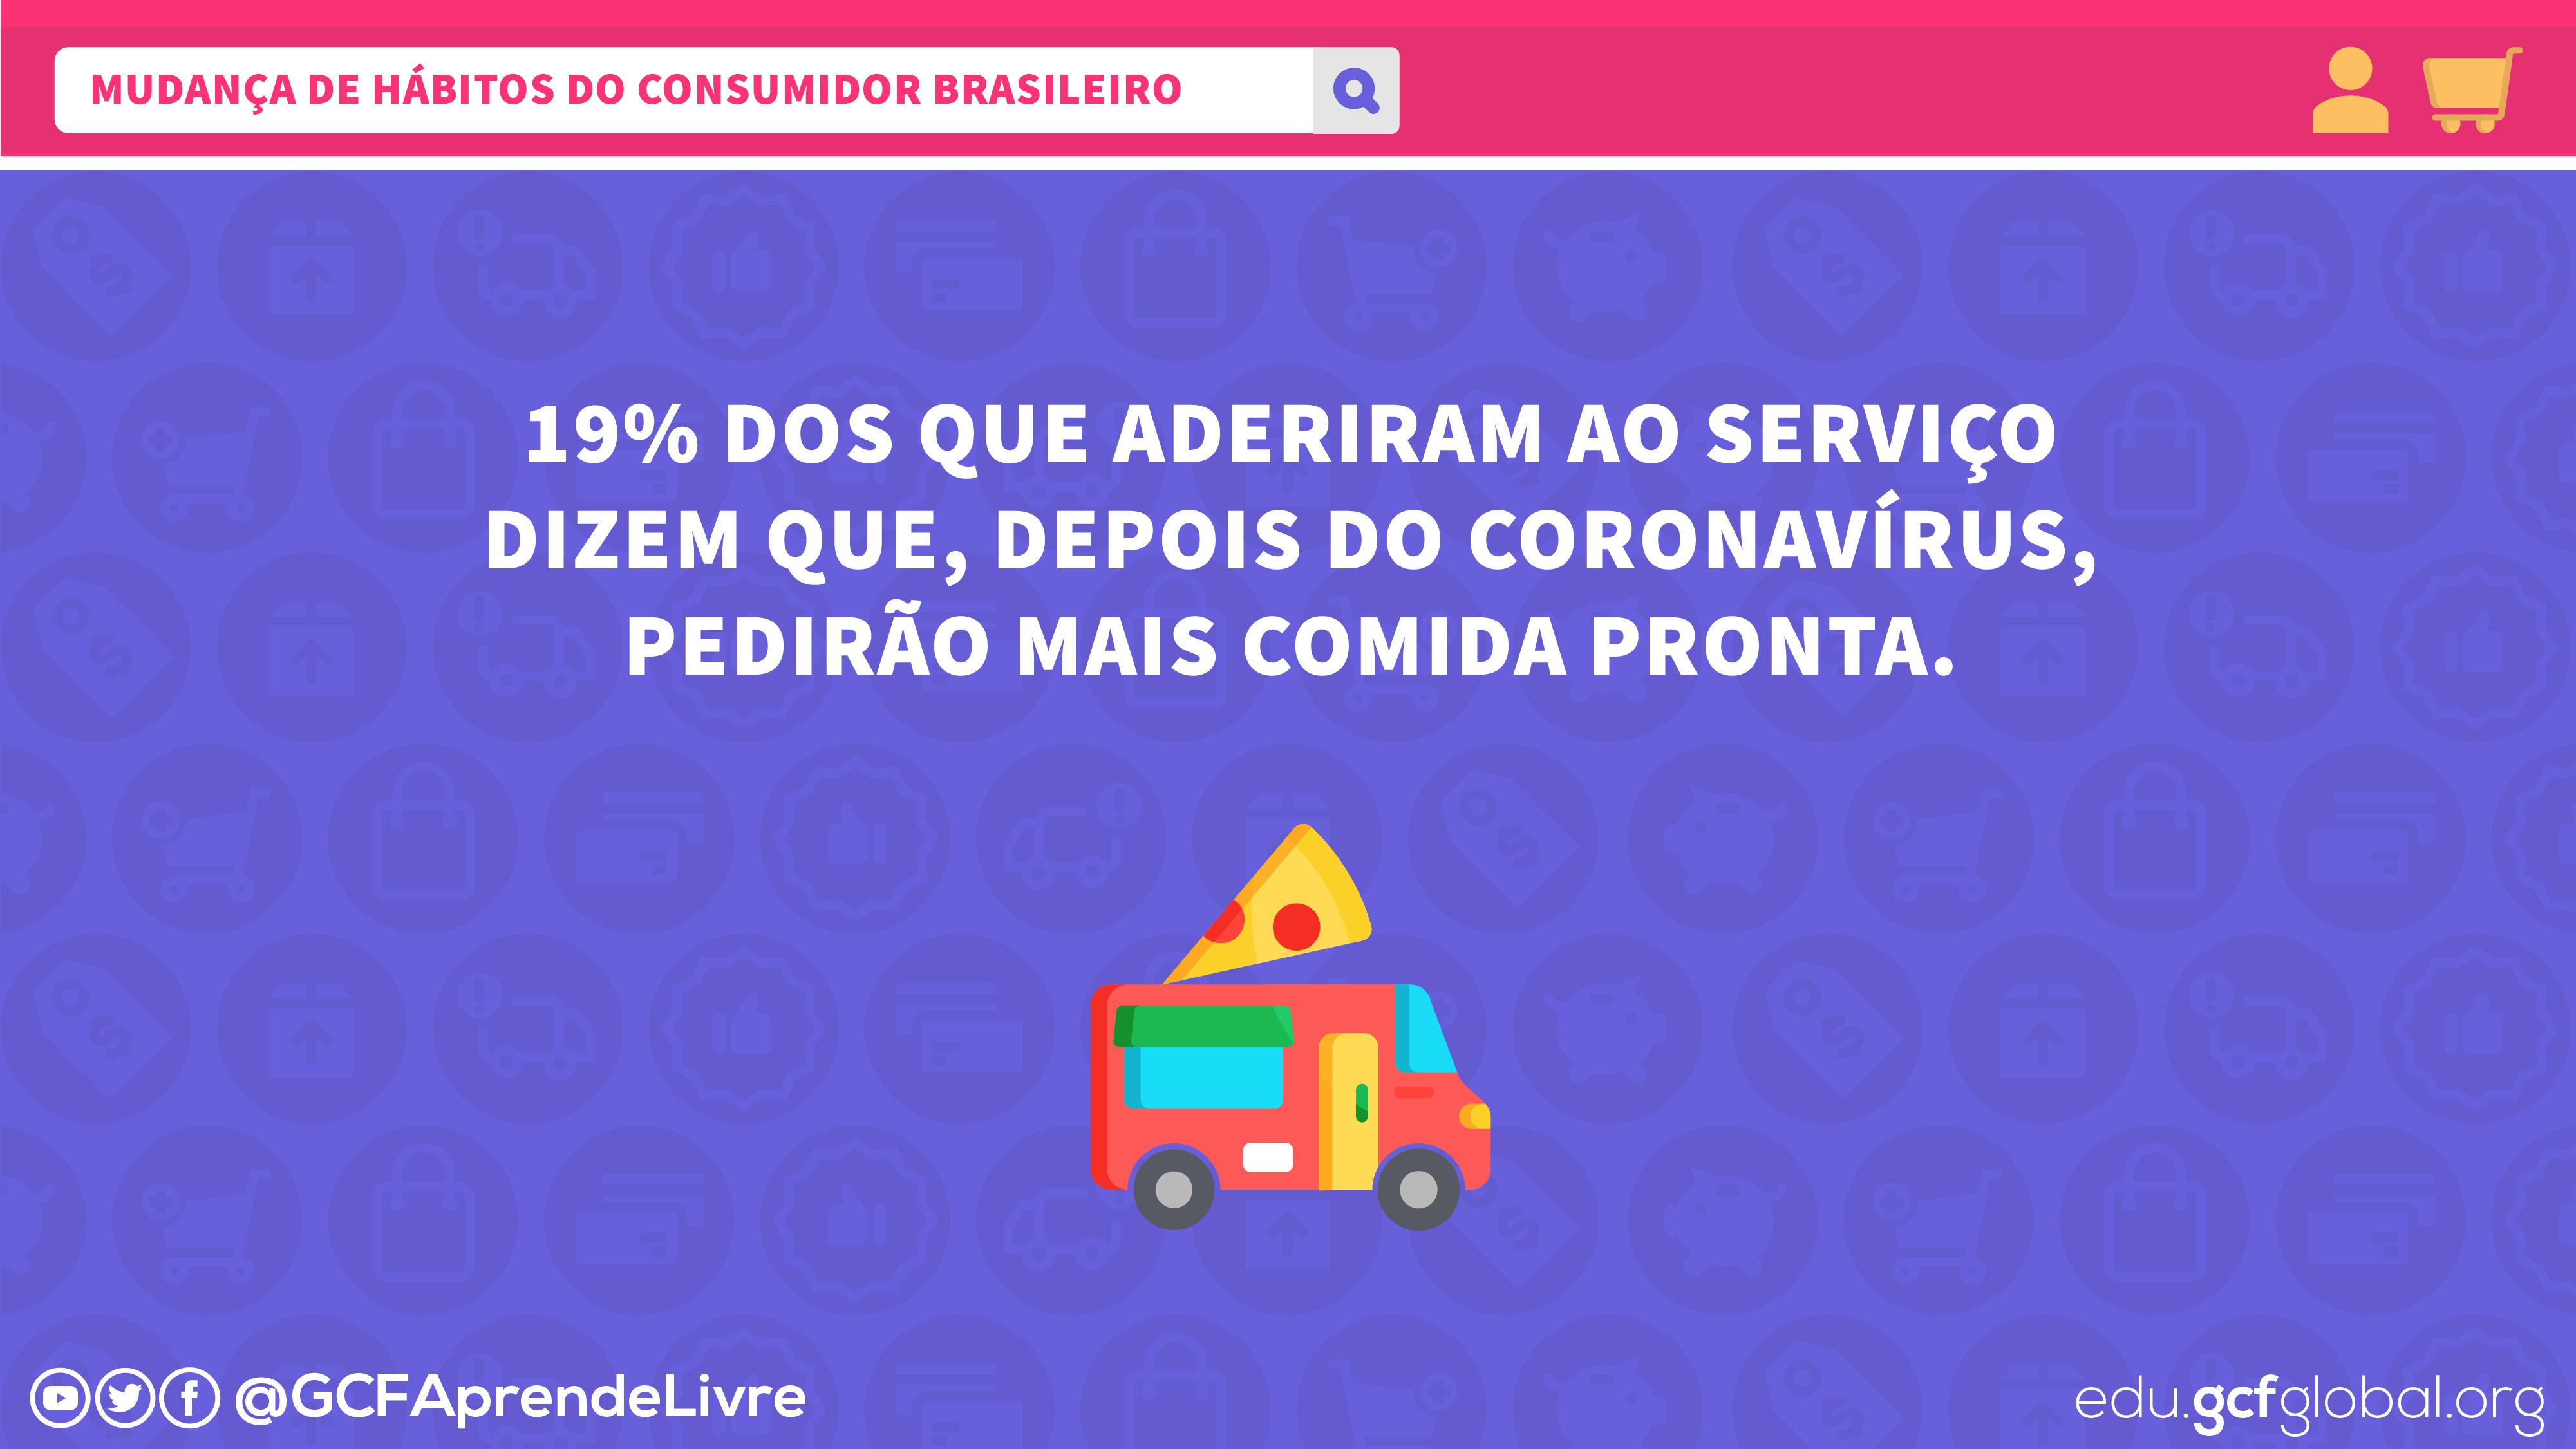 Imagem mudança de comportamento do consumidor no Brasil pós COVID-19